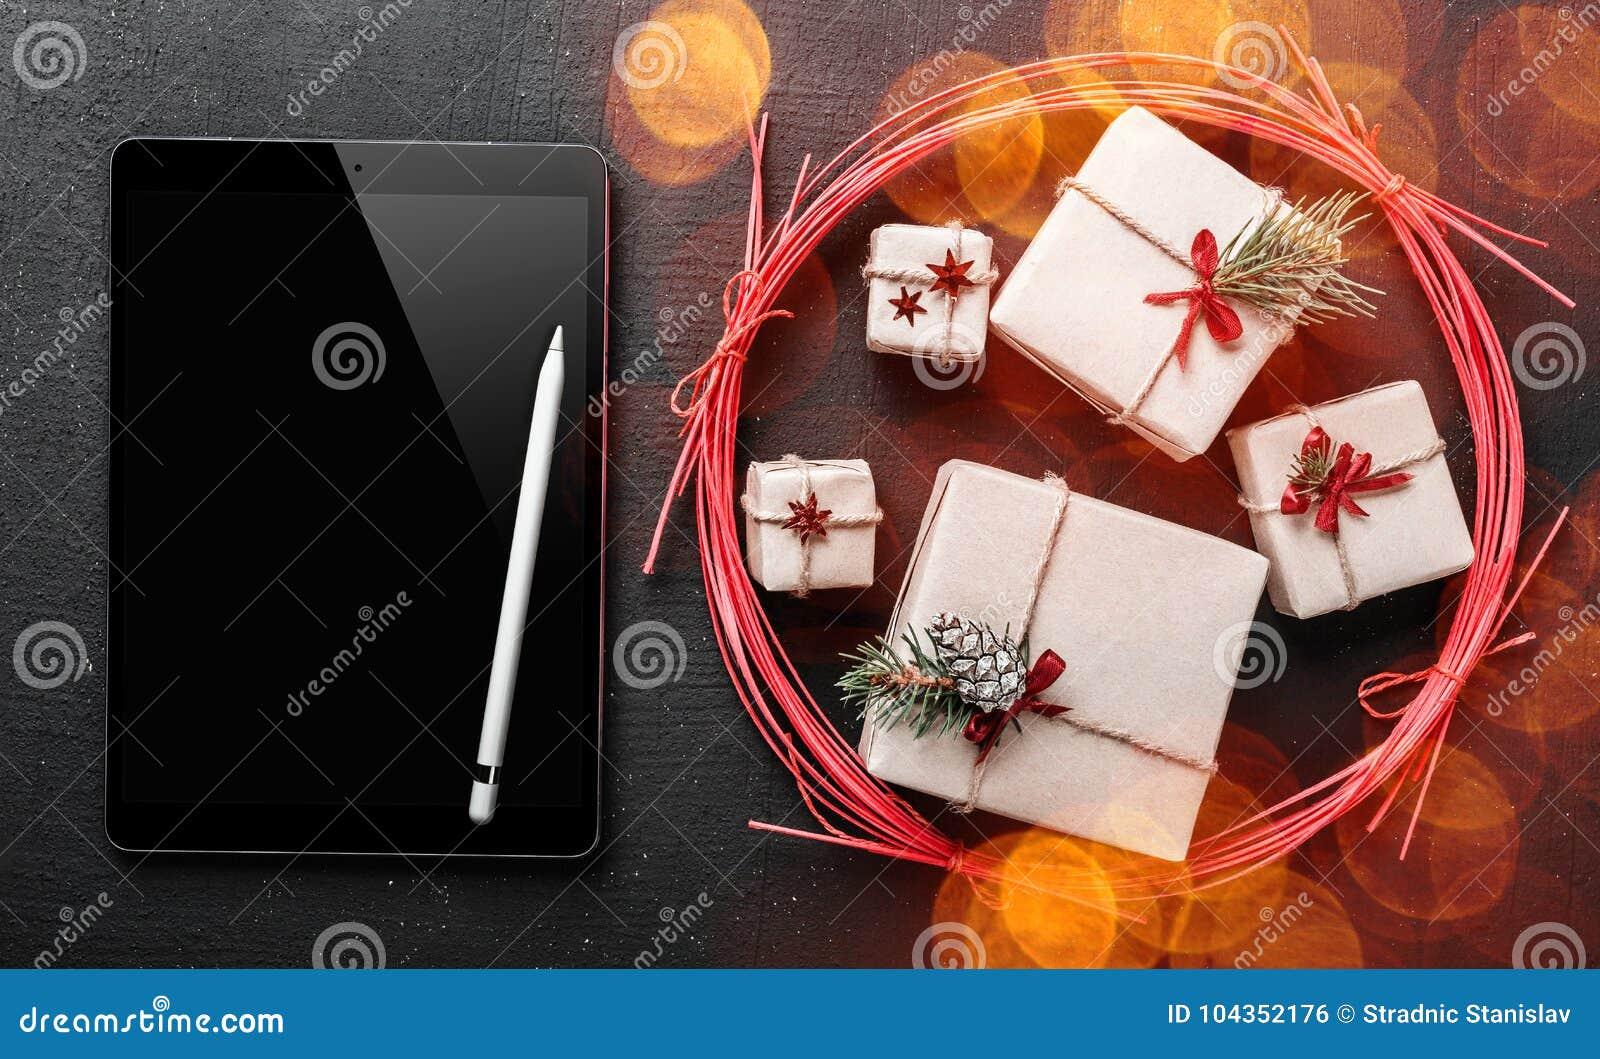 Ευχετήρια κάρτα Χριστουγέννων, μαύρο ipad για να γράψει ένα μήνυμα για τον αγαπημένο αυτό και το αγαπητό, συμβολικό δώρο του χειμ